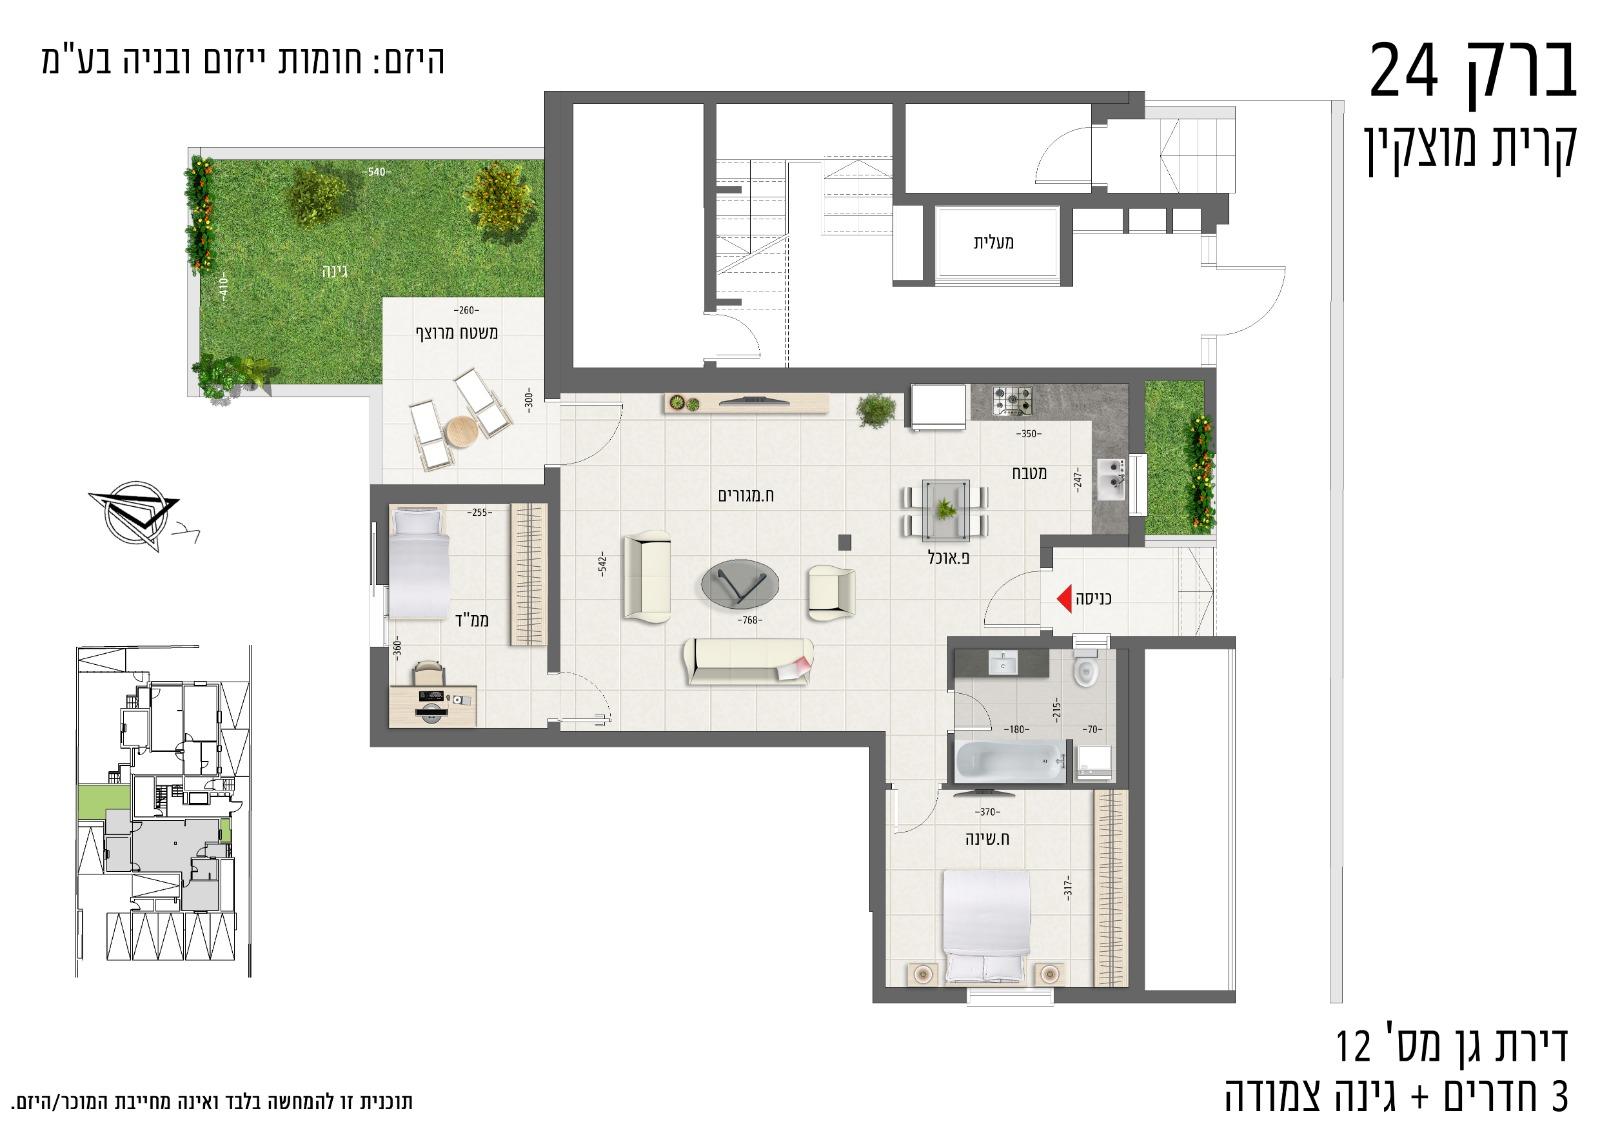 פרוייקט חדש! קרית מוצקין רחוב ברק דירת גן 3 חדרים